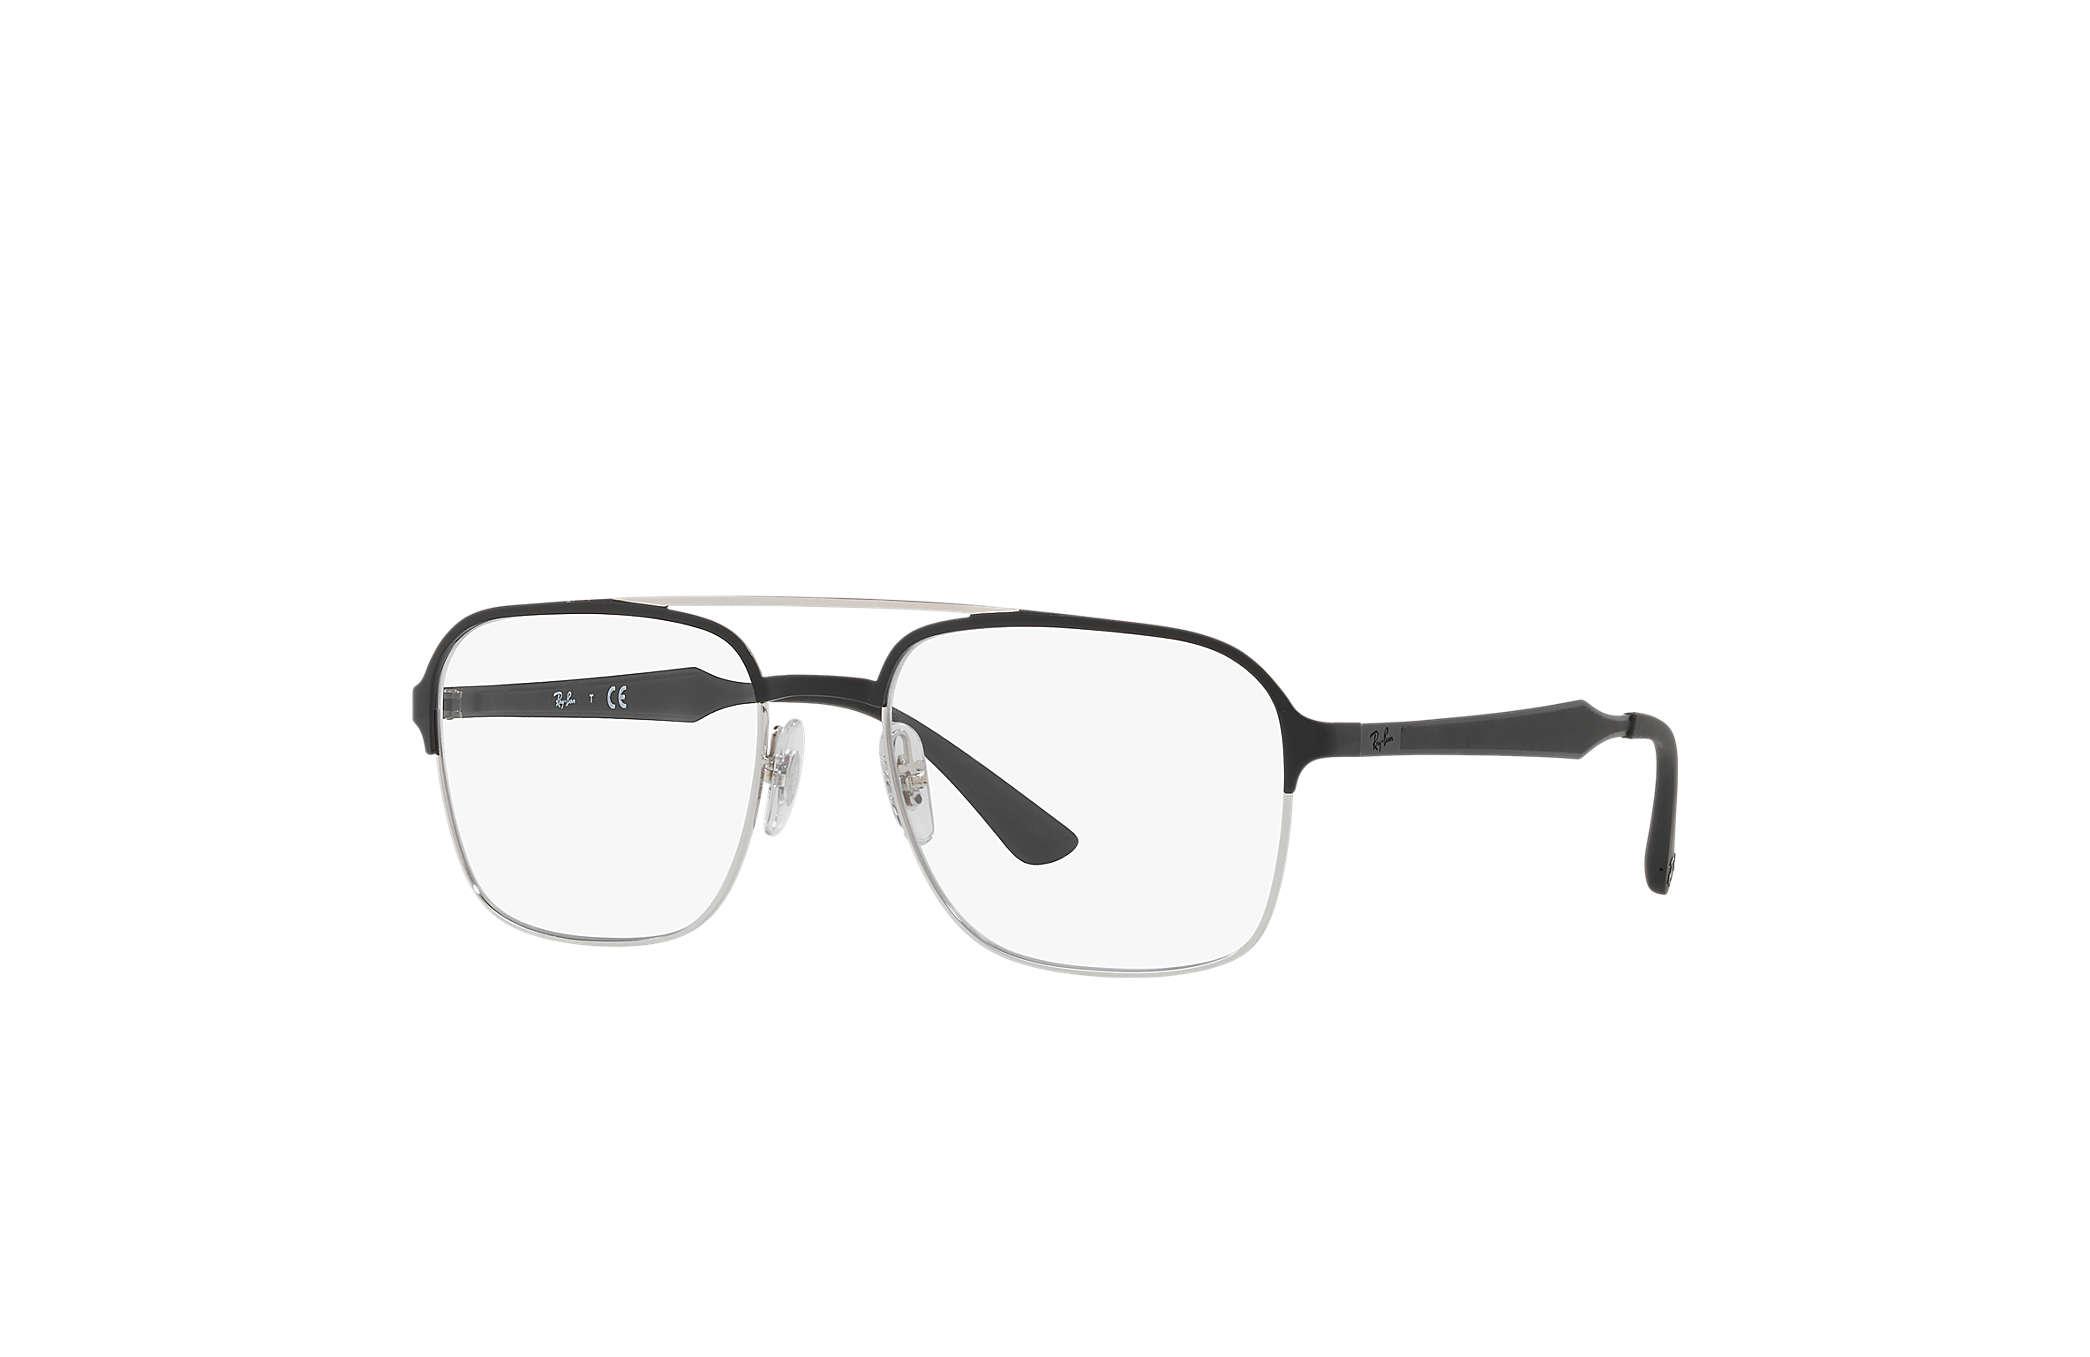 acccb69c50d Ray-Ban eyeglasses RB6404 Black - Metal - 0RX6404286154